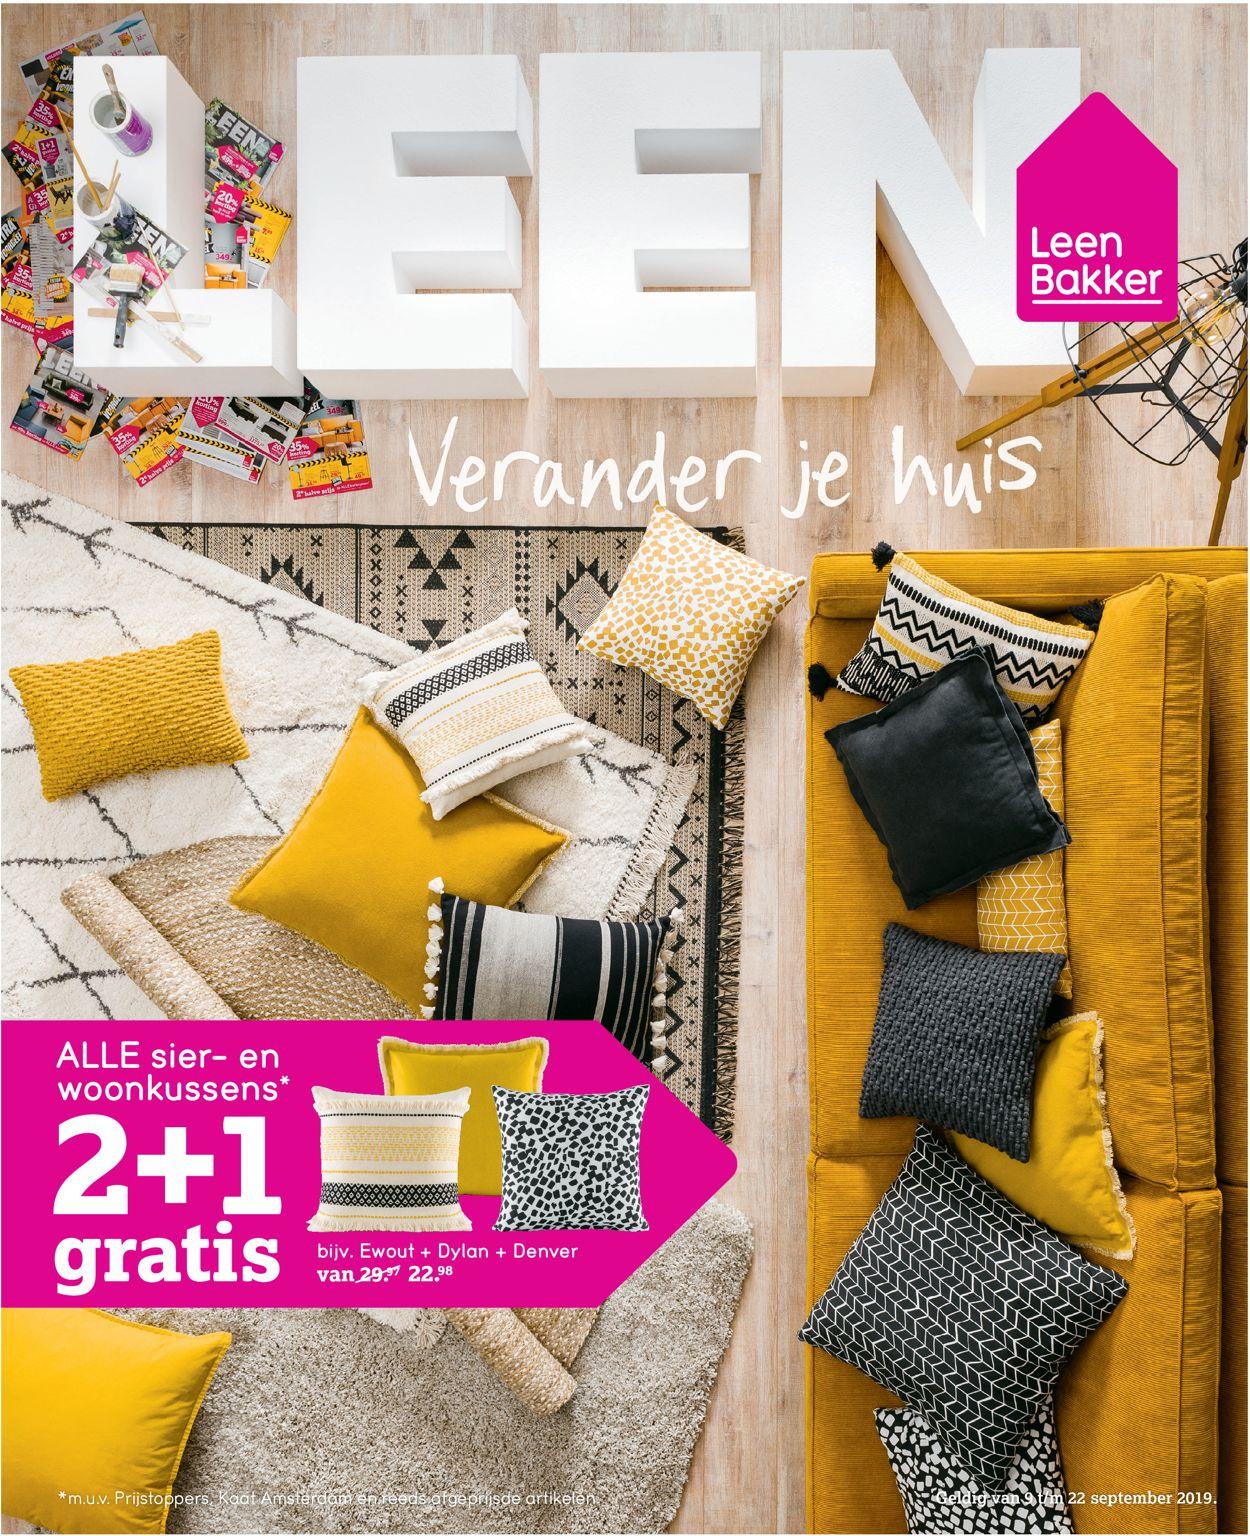 Leen Bakker Folder - 09.09-22.09.2019